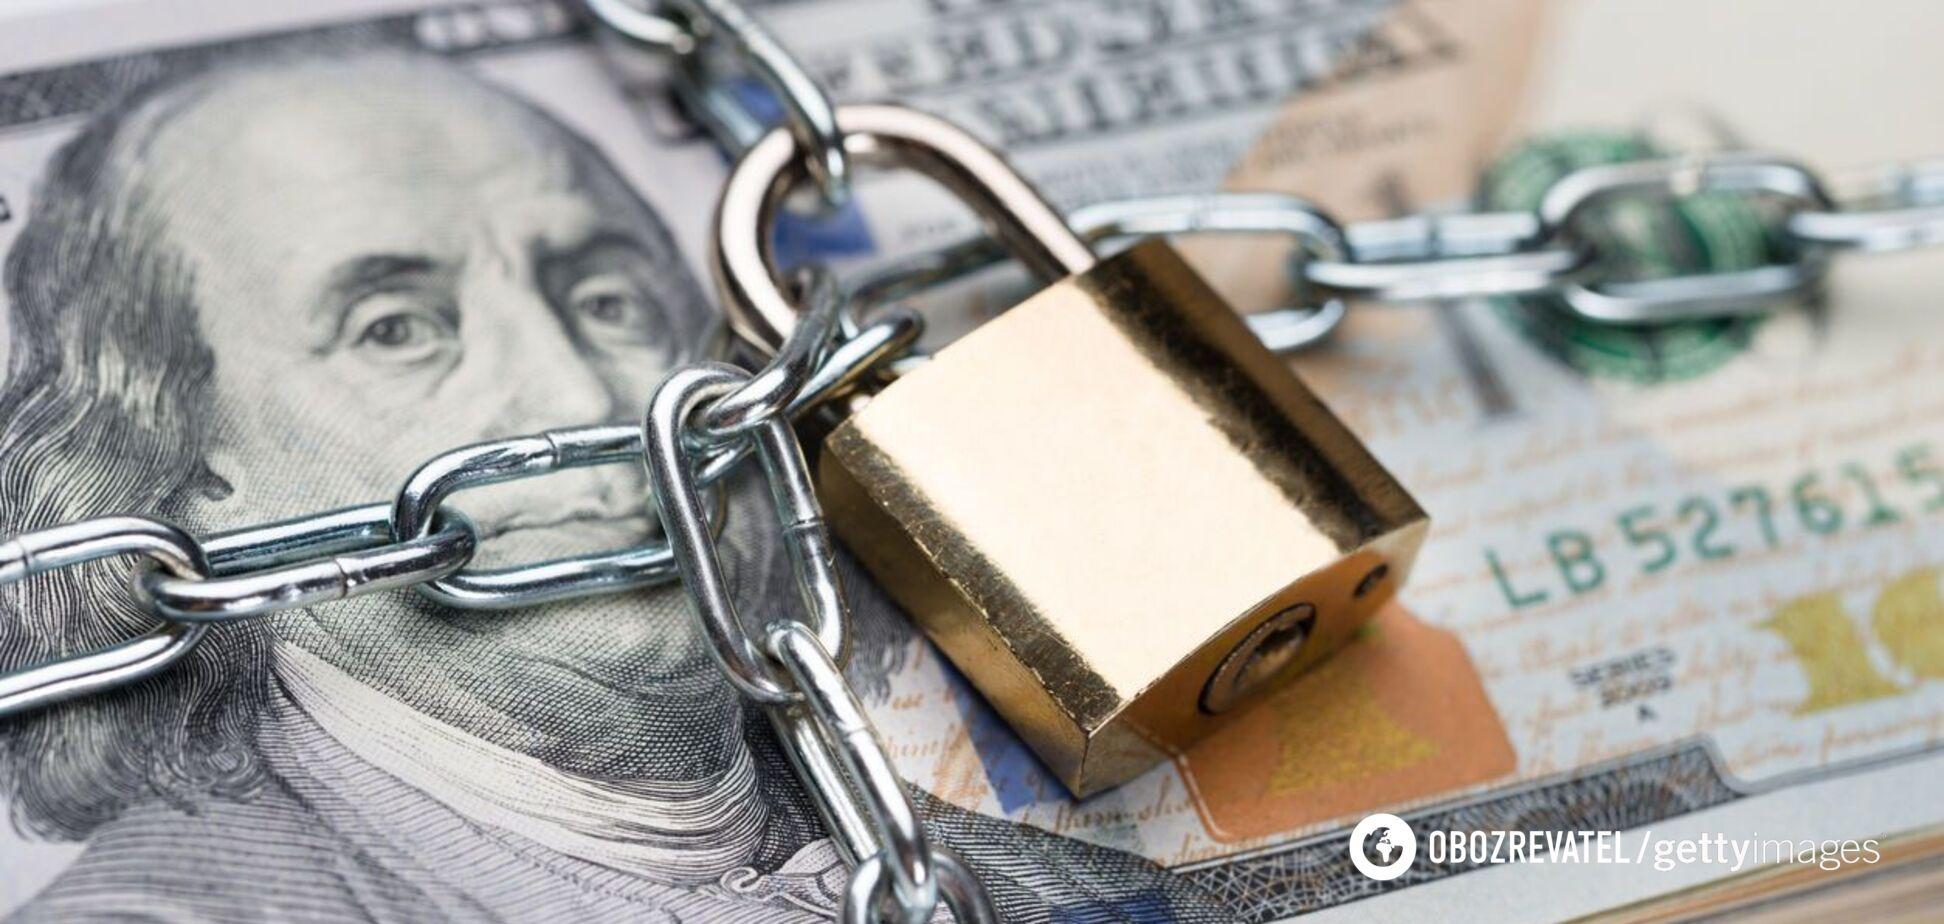 Банкиры рассказали, как и где надежнее всего хранить деньги и ценности